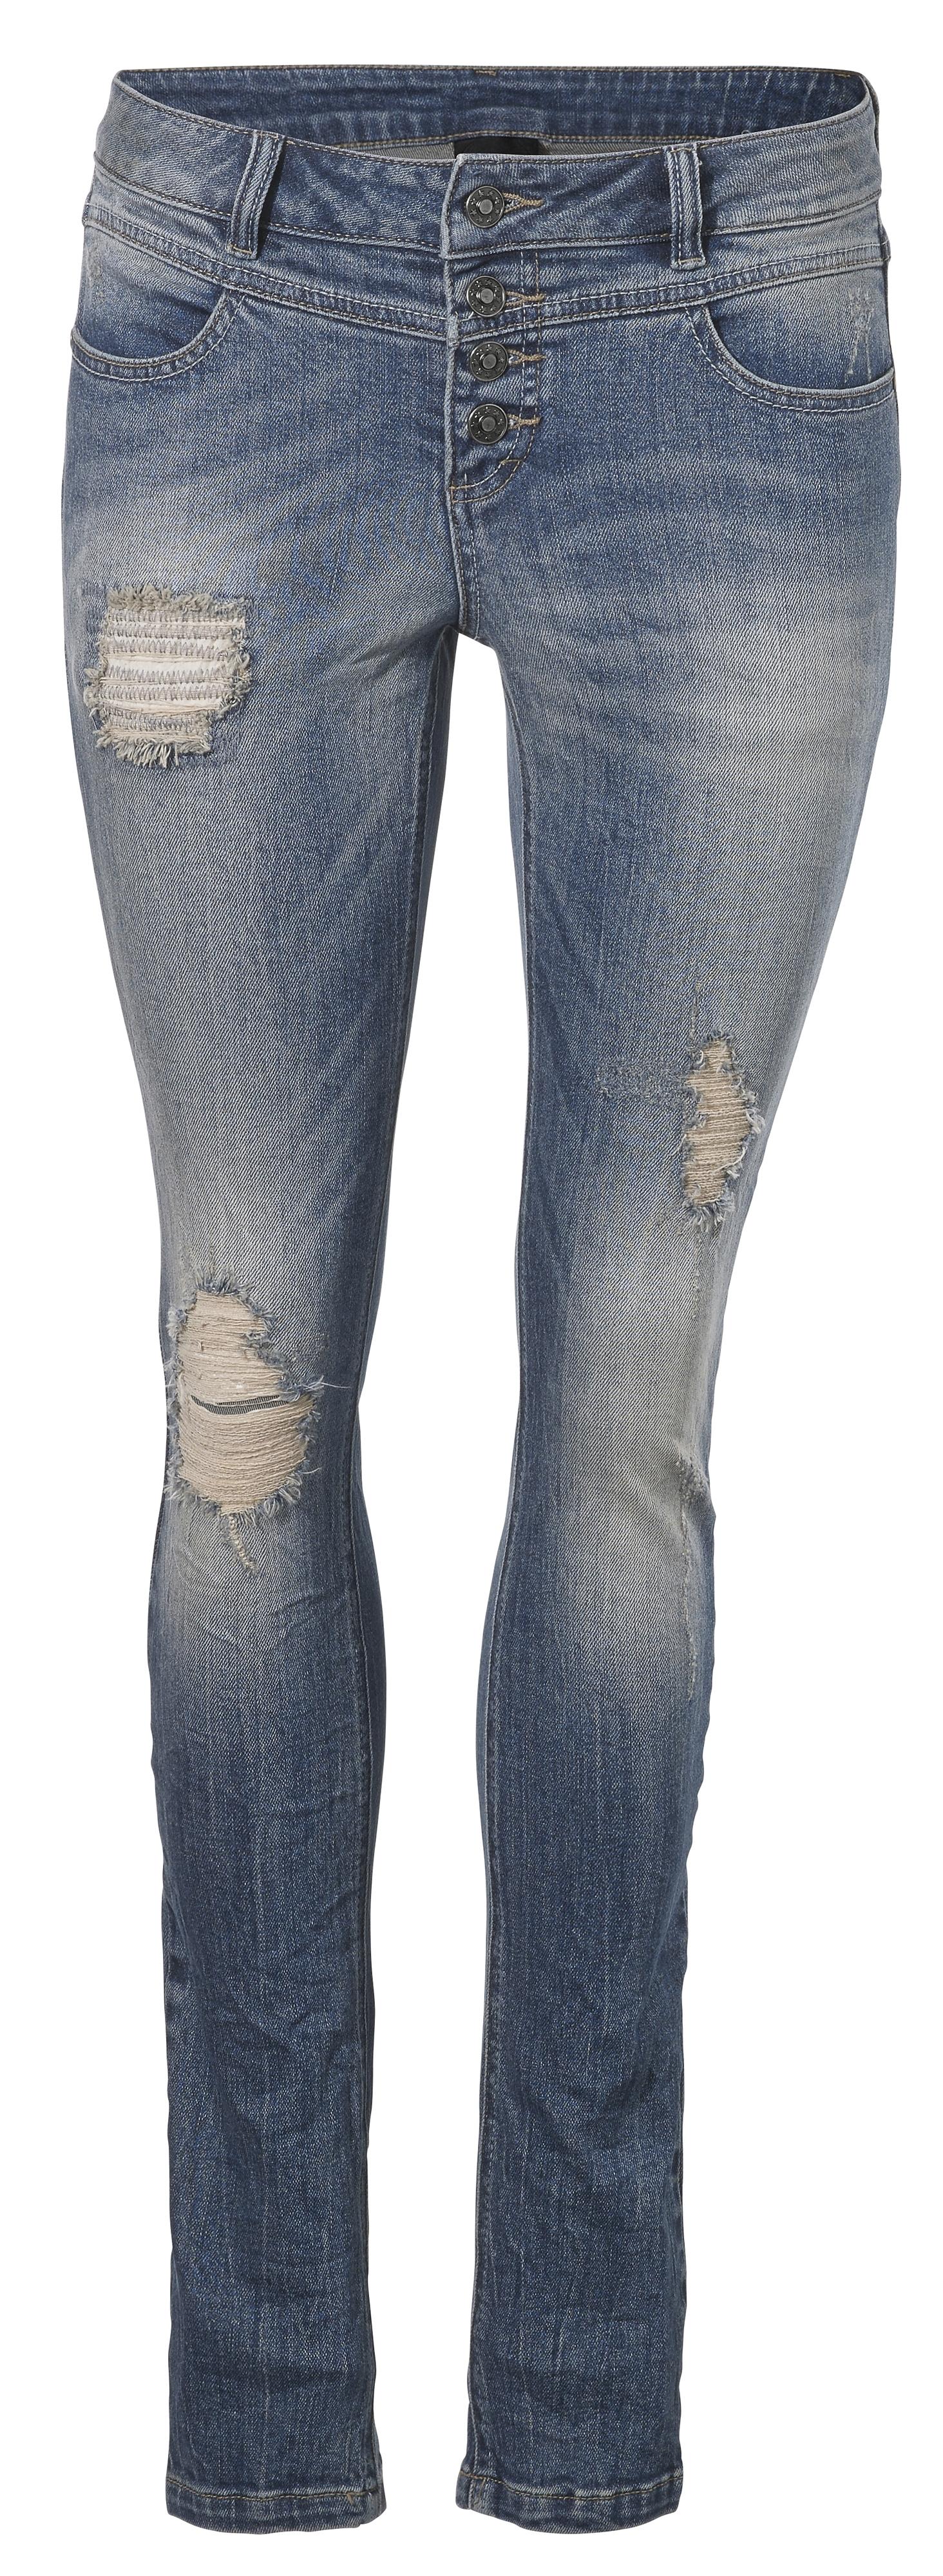 heine Skinny-jeans voordelig en veilig online kopen